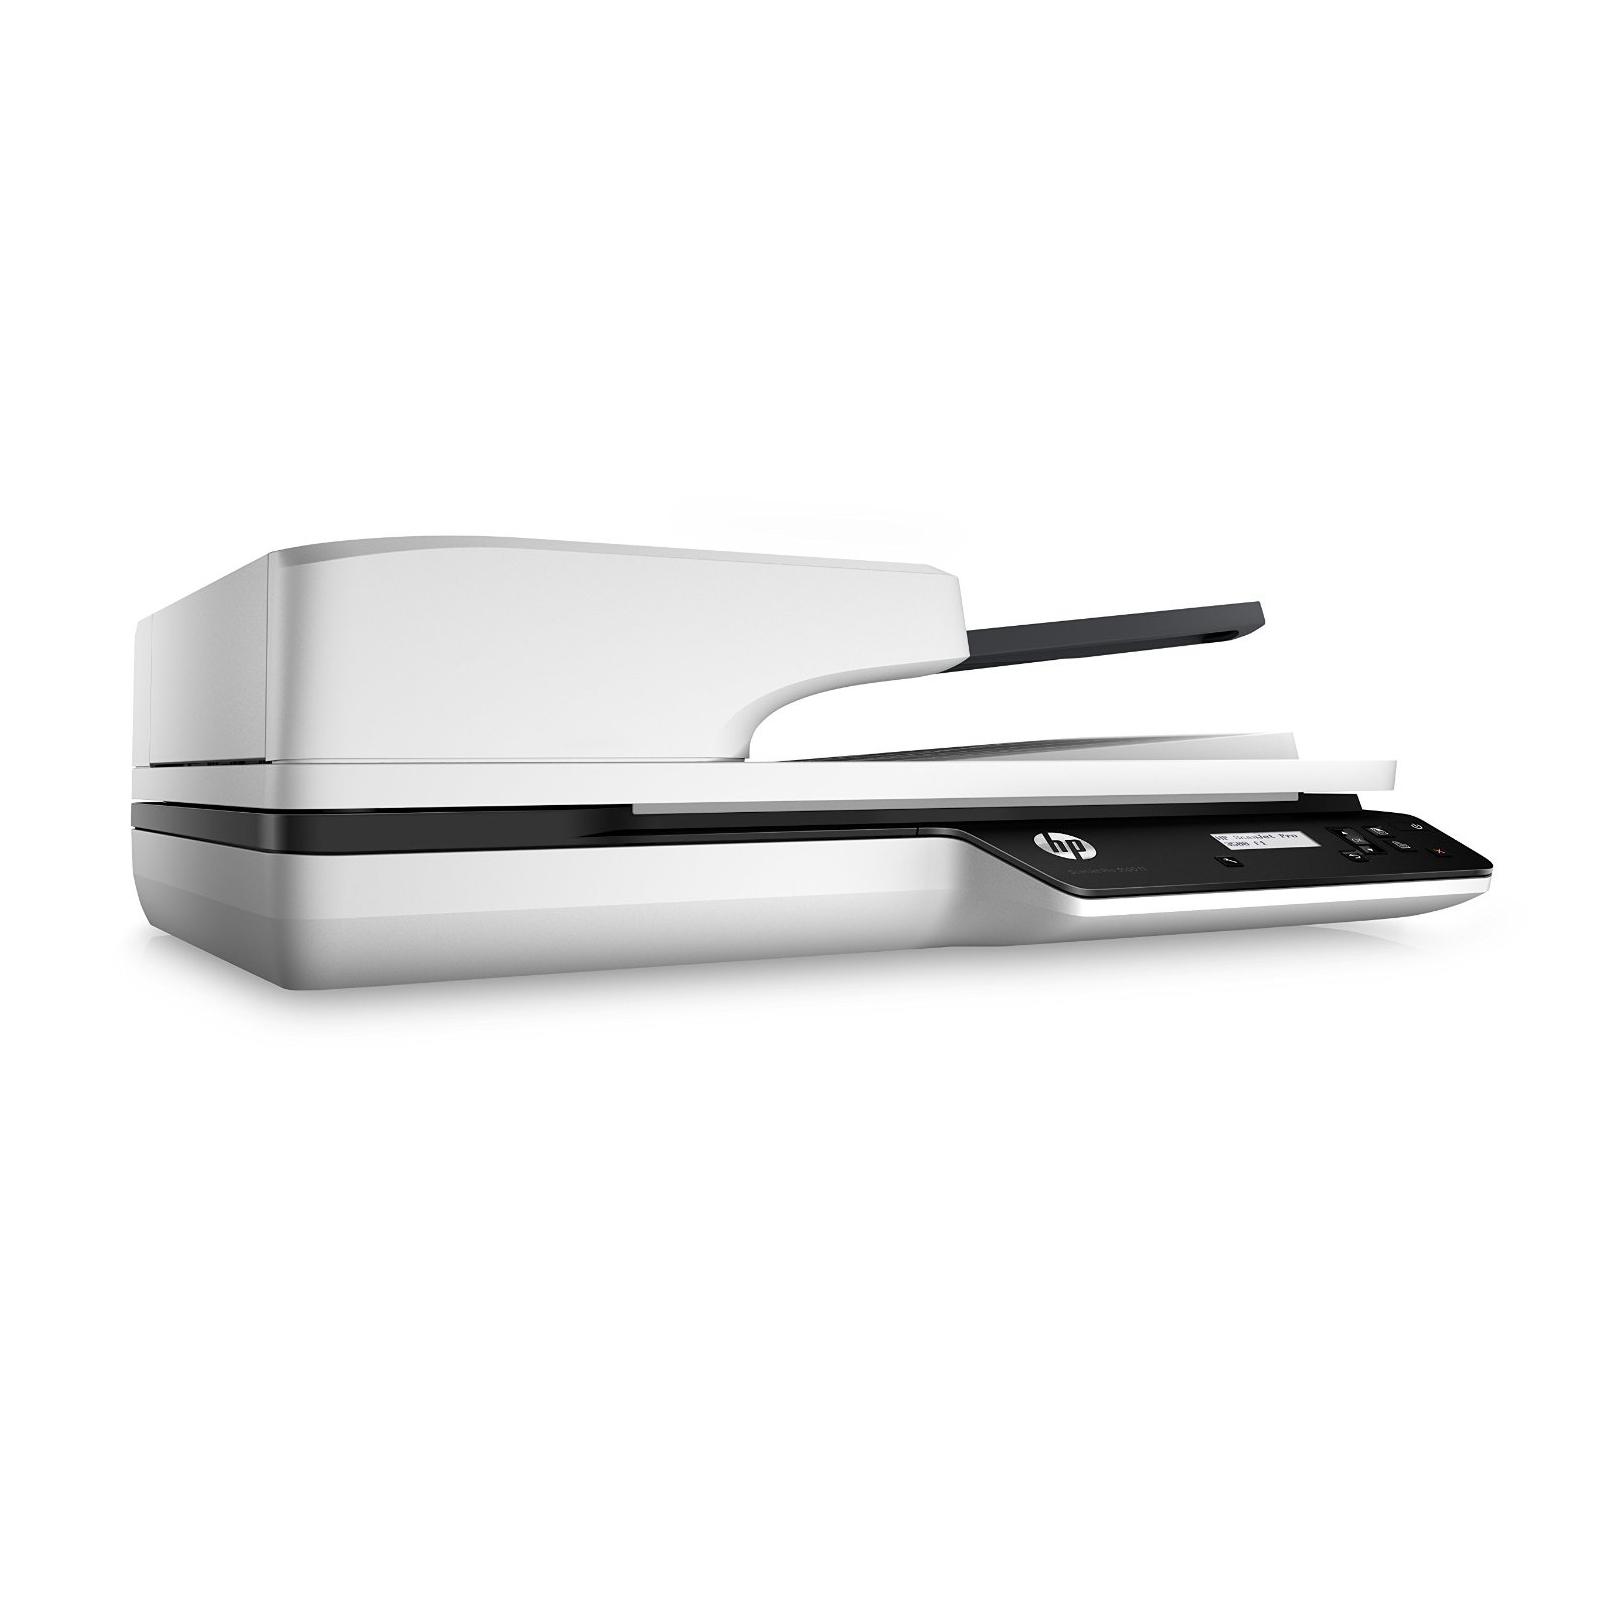 Сканер HP Scan Jet Pro 3500 f1 (L2741A) изображение 5